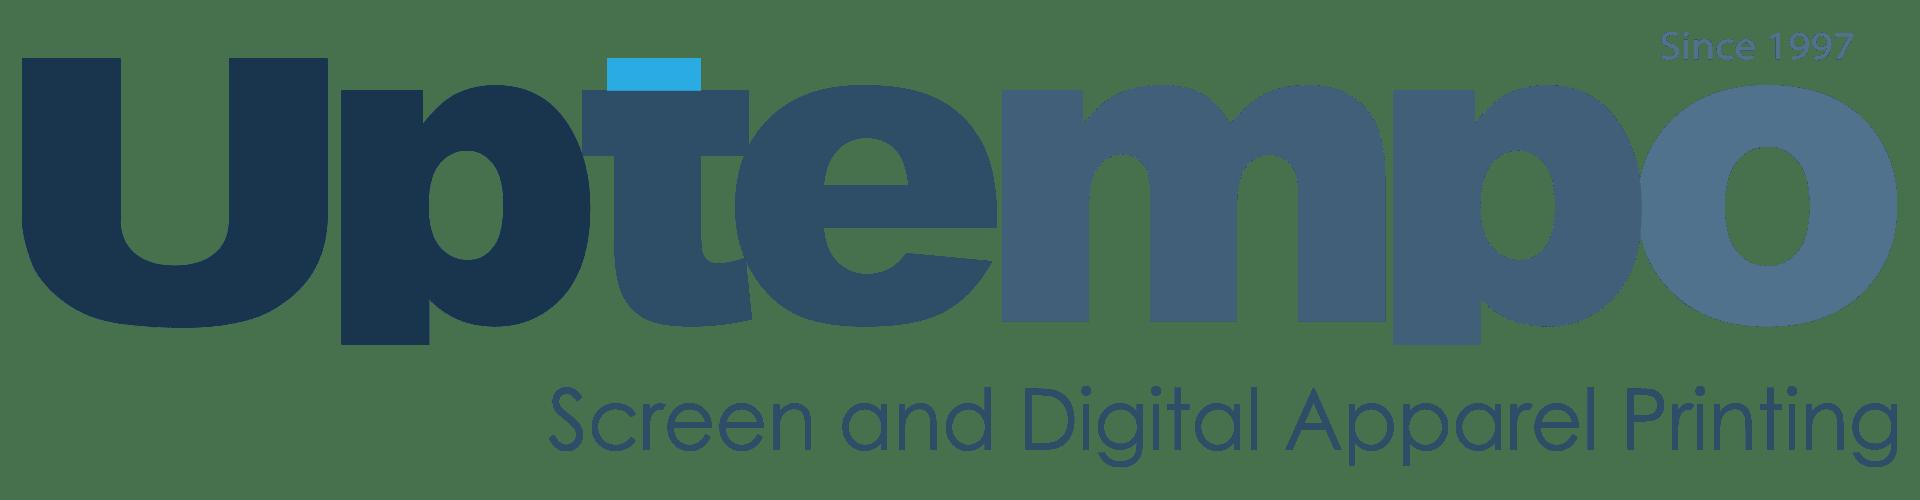 Uptempo Design Logo